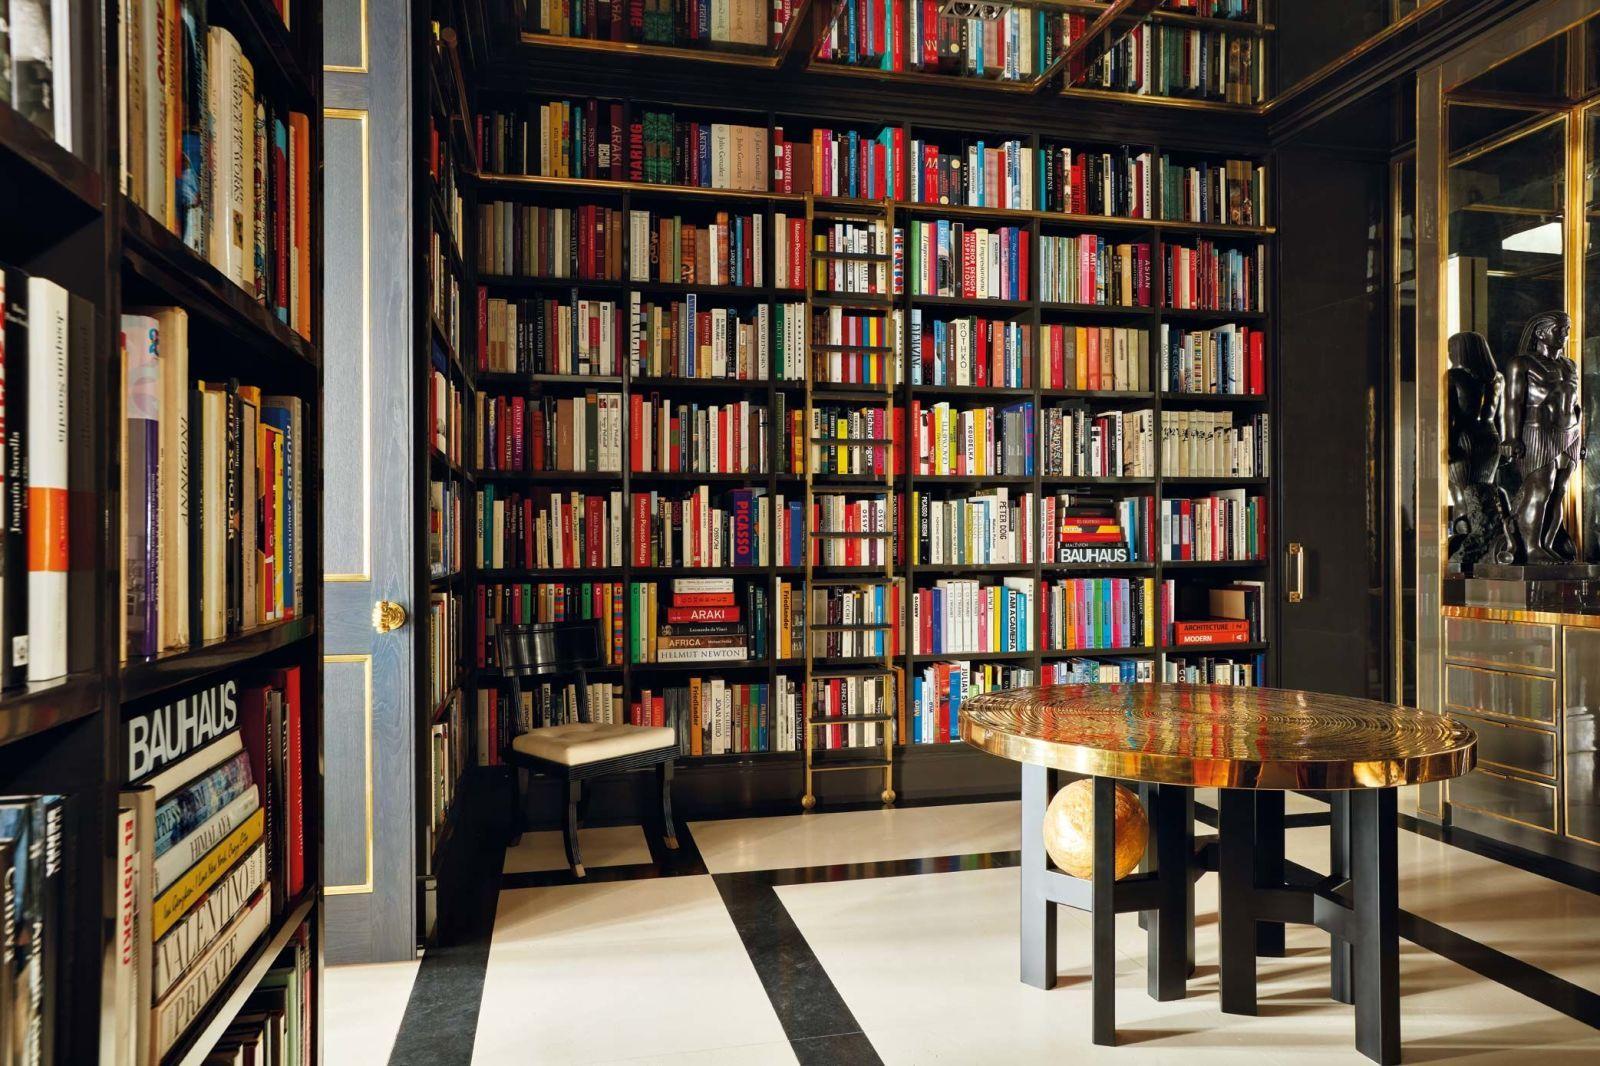 Aquí vive luis bustamante uno de los top del interiorismo rodeado de una colección